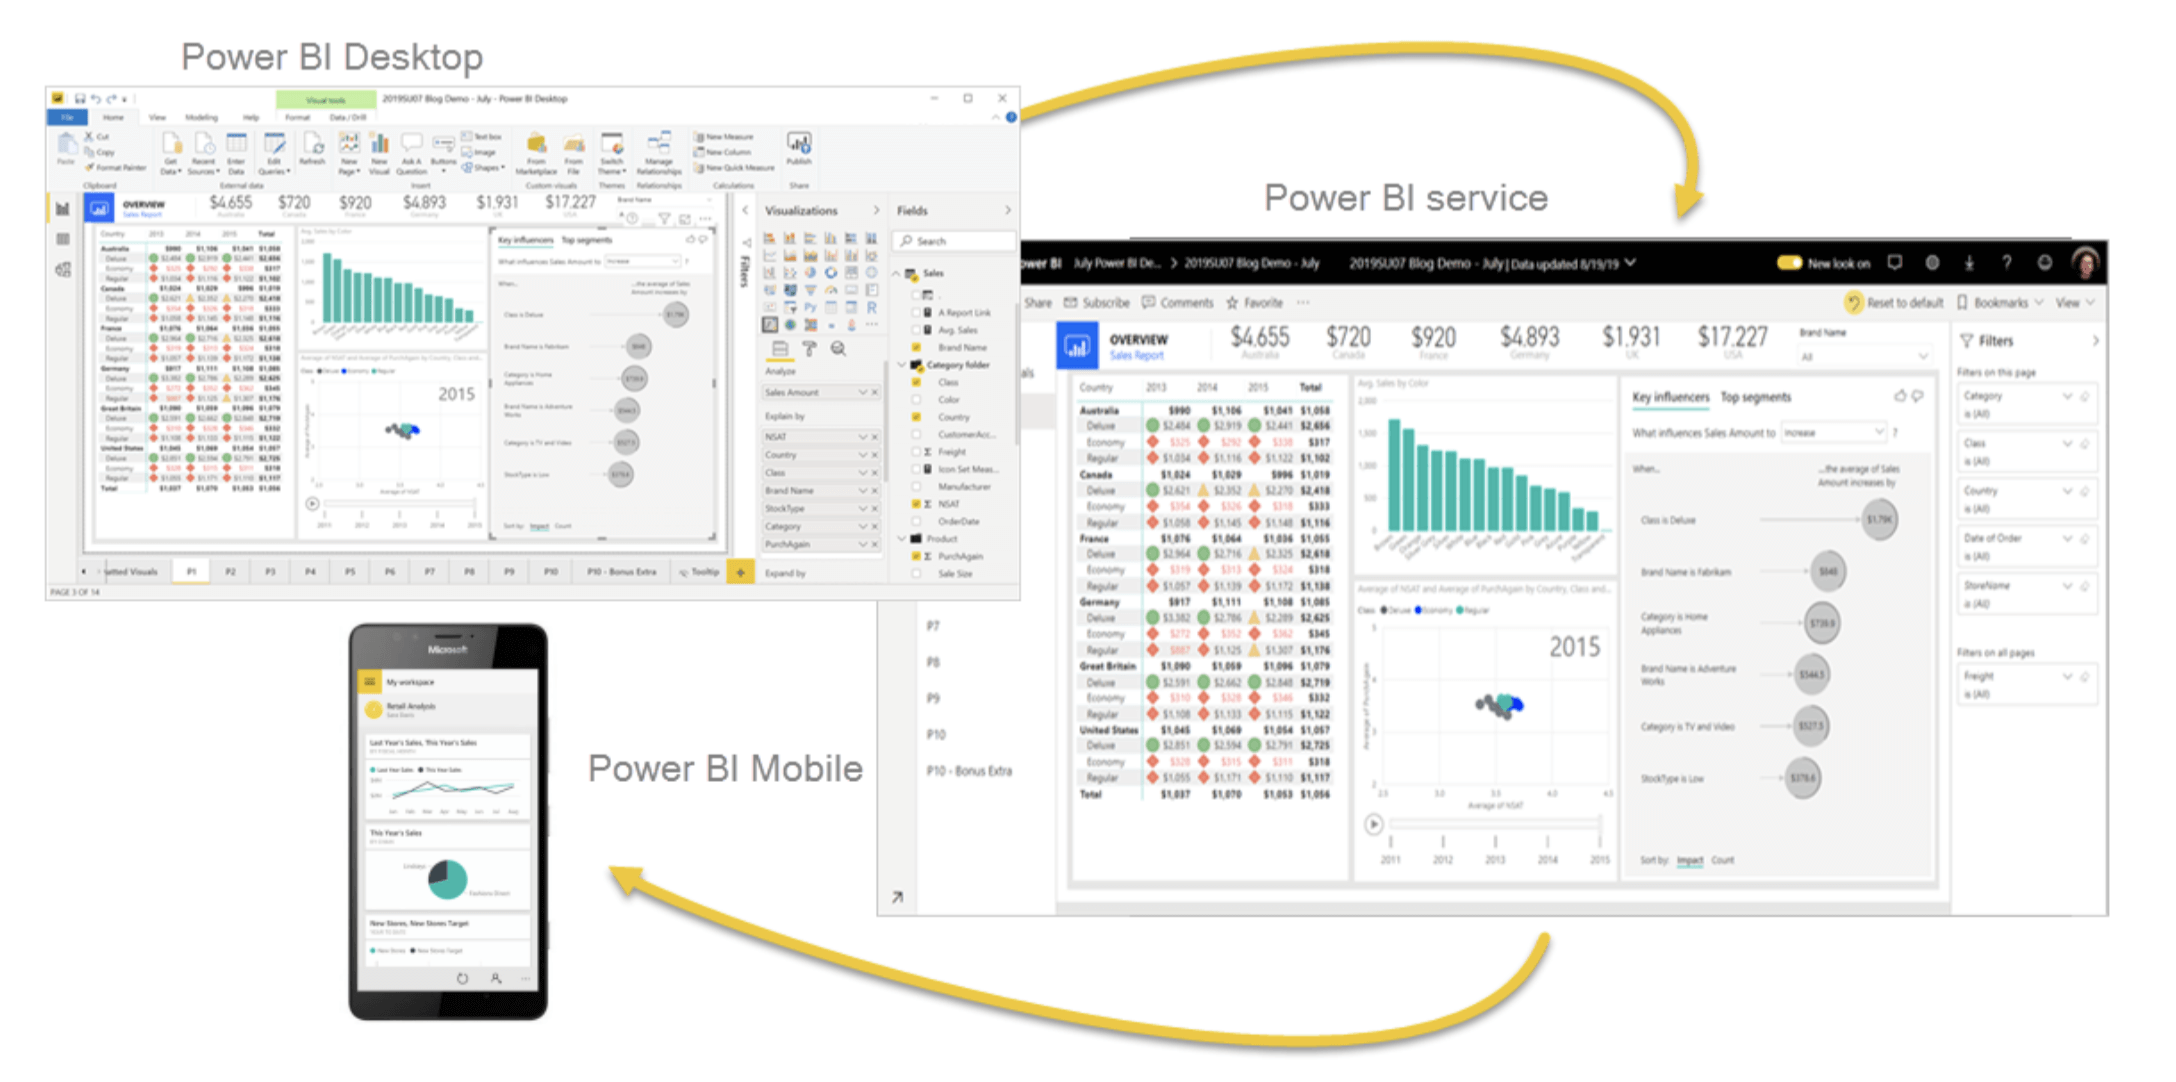 PowerBI desktop